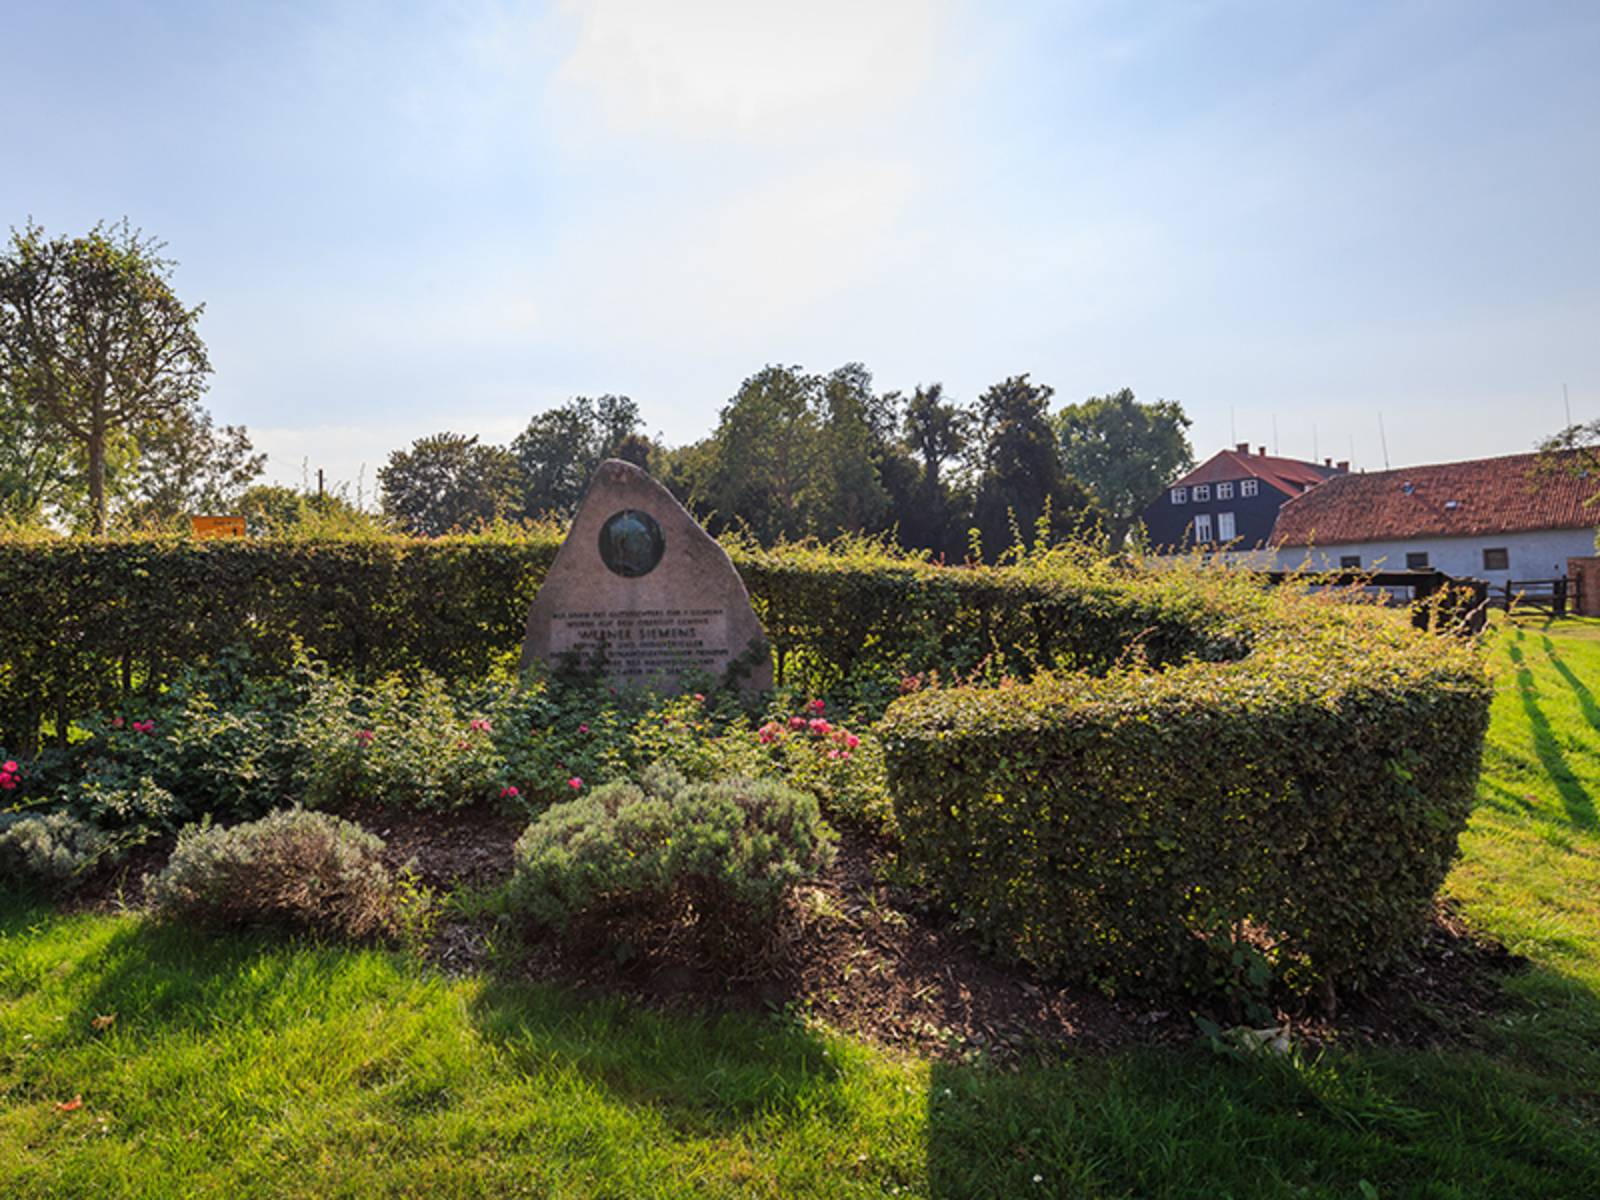 Obergut Lenthe in Gehrden